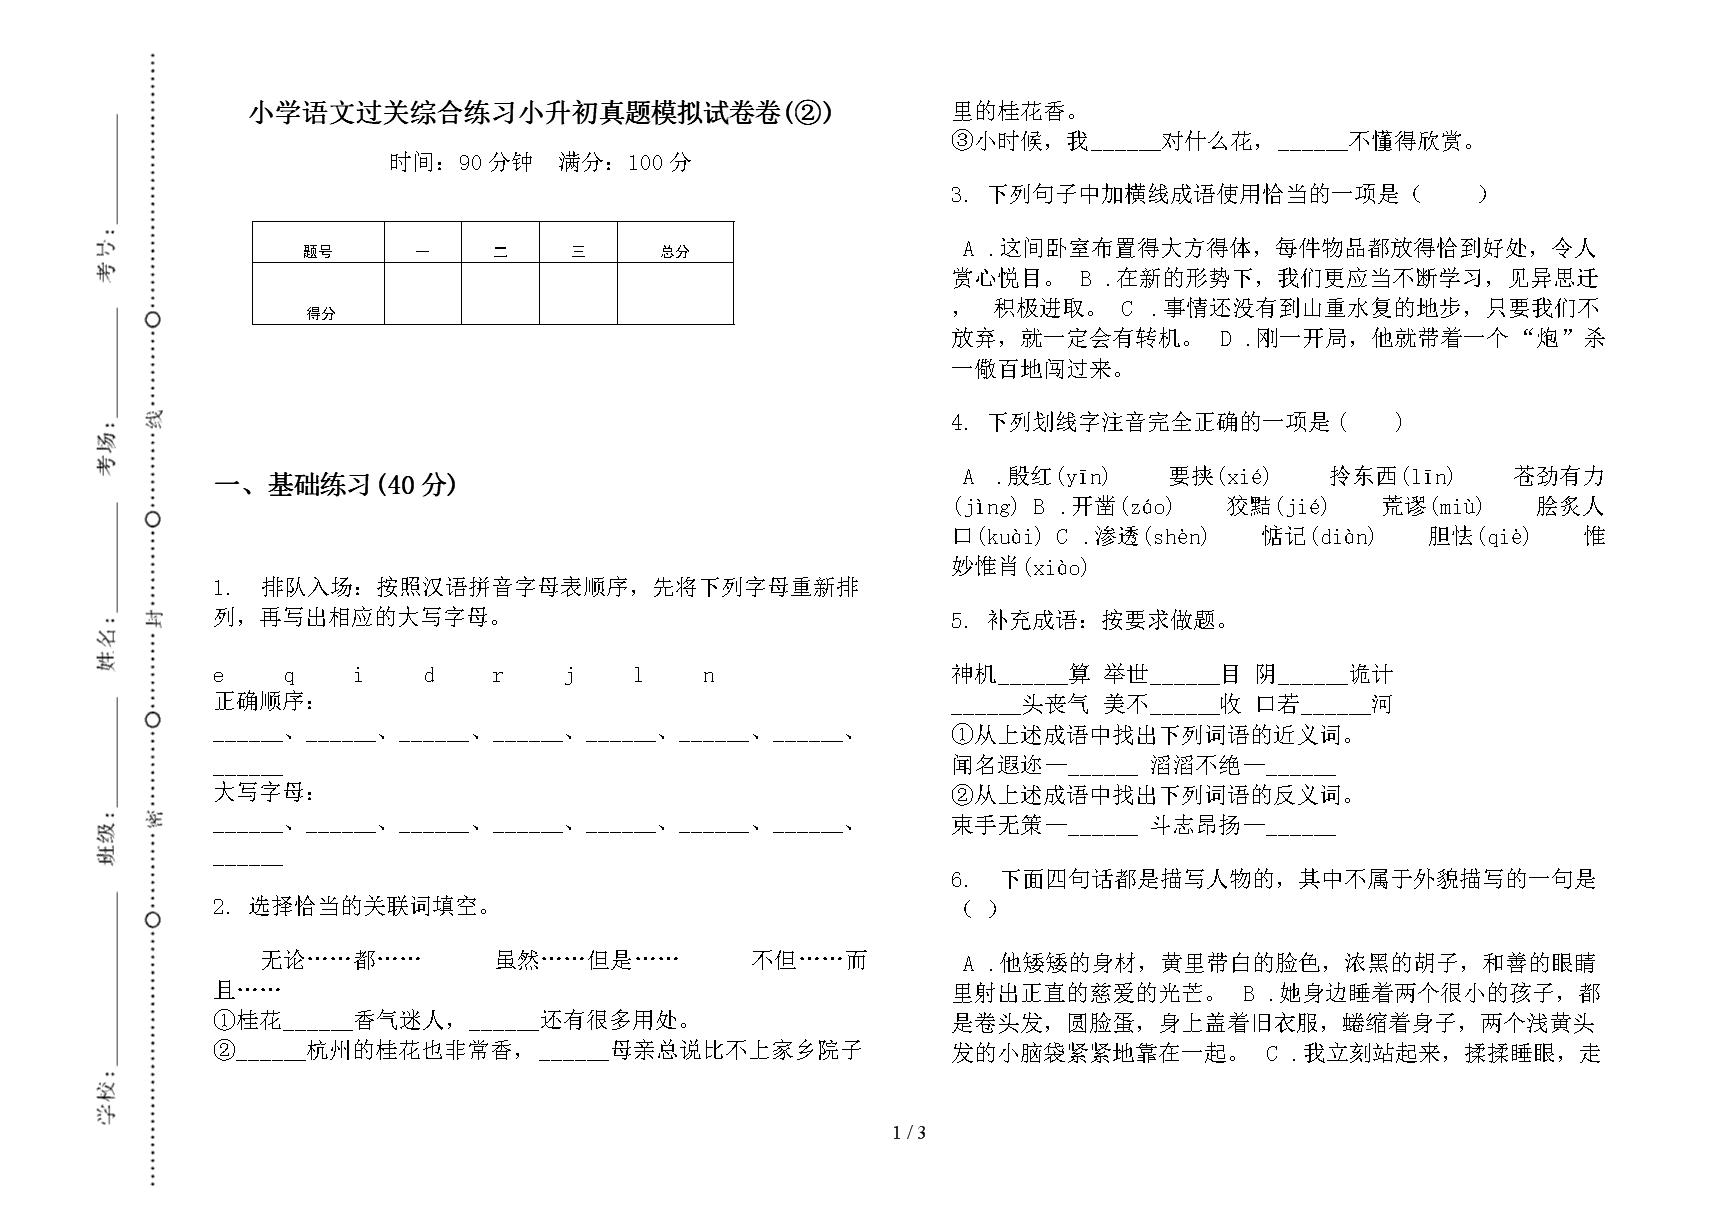 小学语文过关综合练习小升初真题模拟试卷卷(②).docx